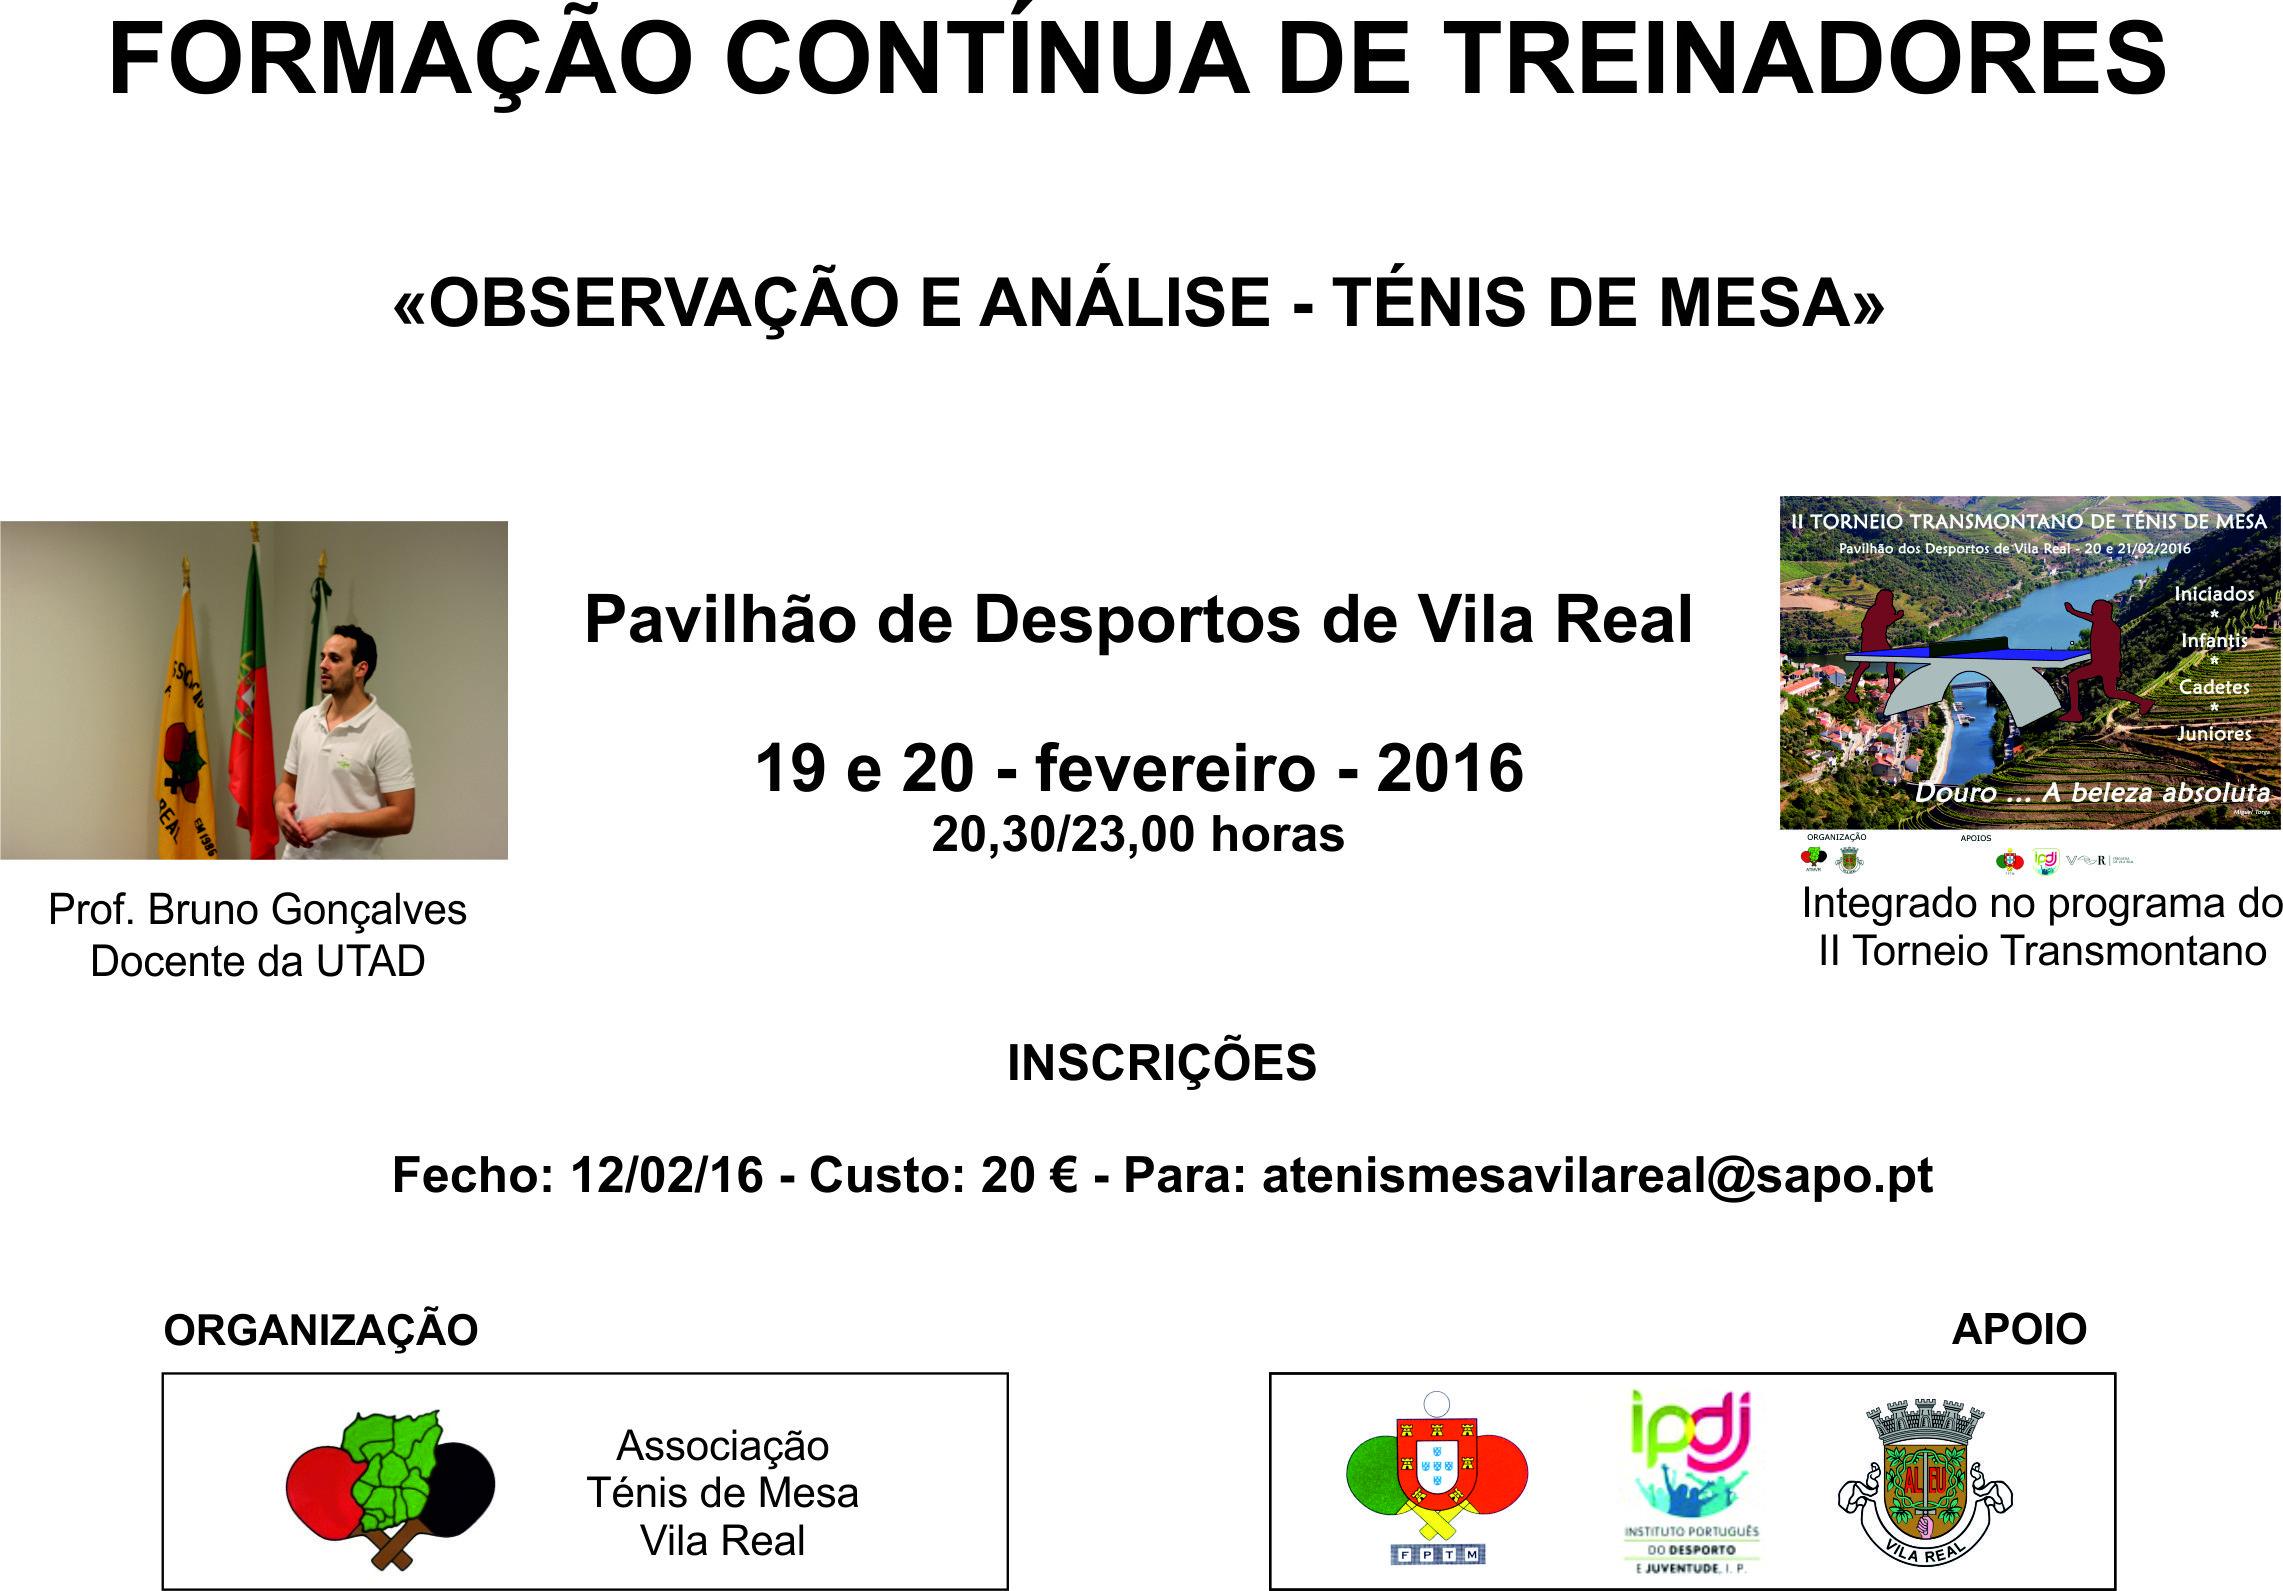 FORMAÇÃO CONTINUA DE TREINADORES EM VILA REAL